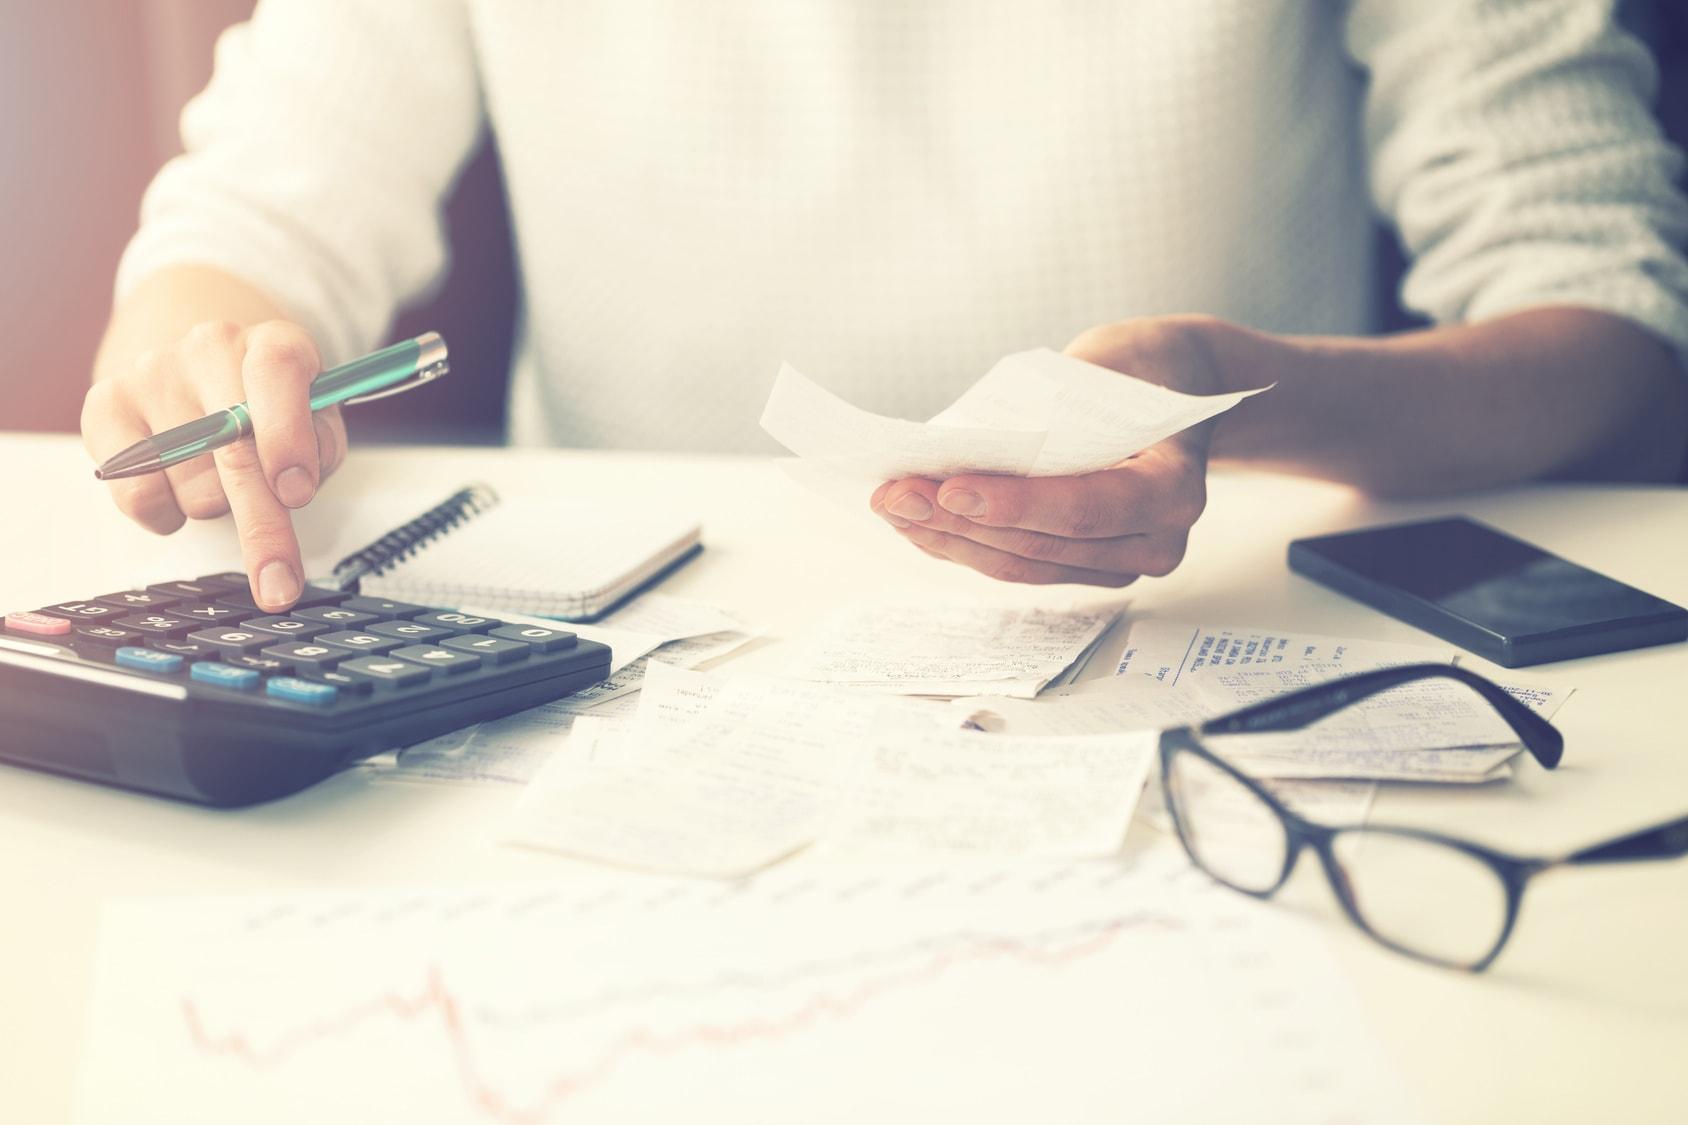 dinheiro - gerenciar finanças foto de dentro